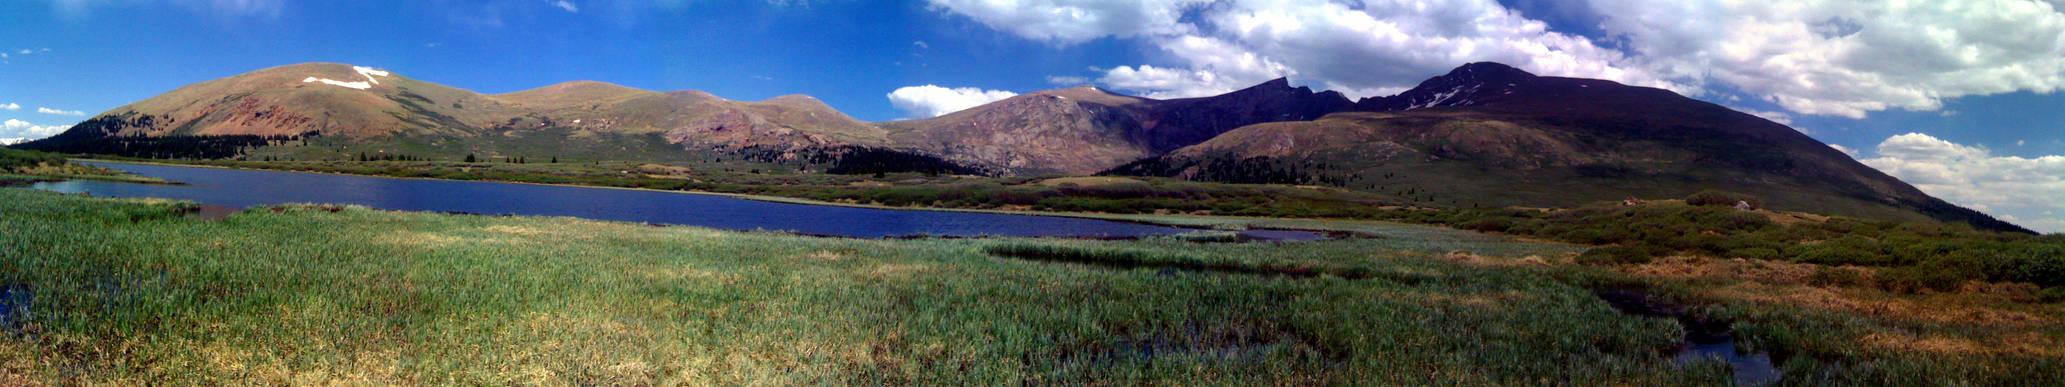 Mount Bierstadt panaroma